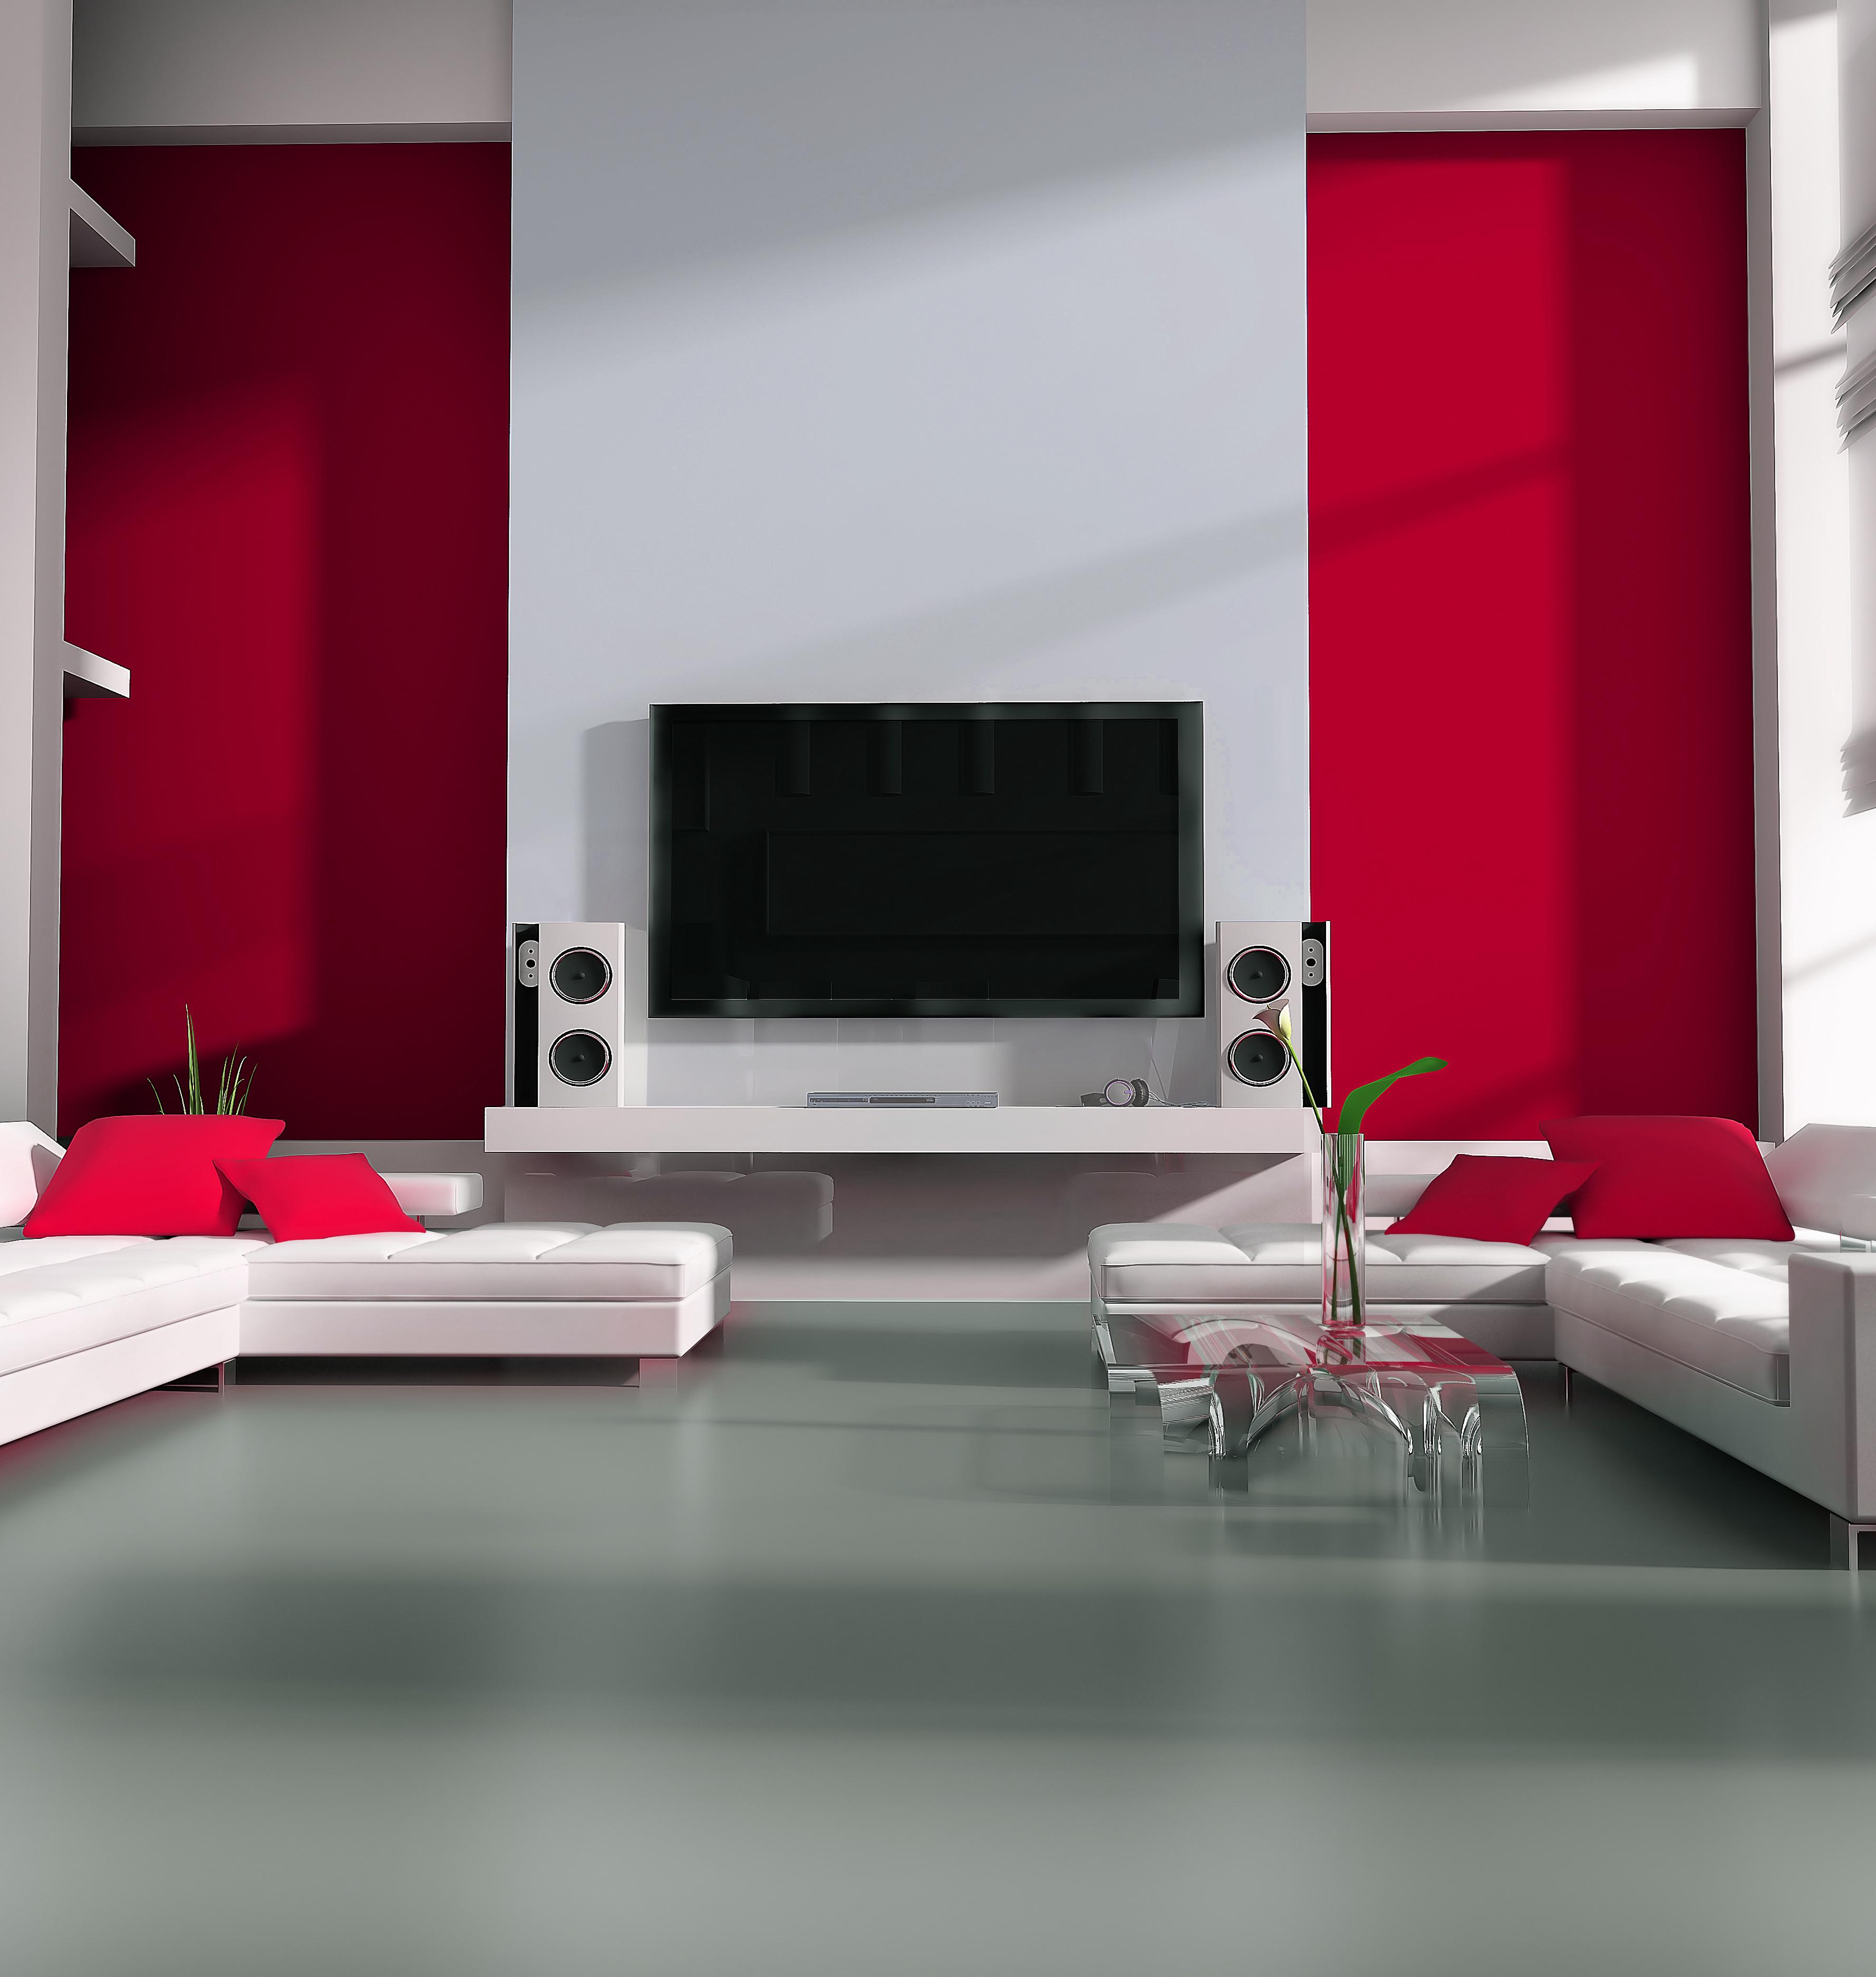 Choix de couleur de peinture pour salon photos de conception de maison for Choix de couleurs